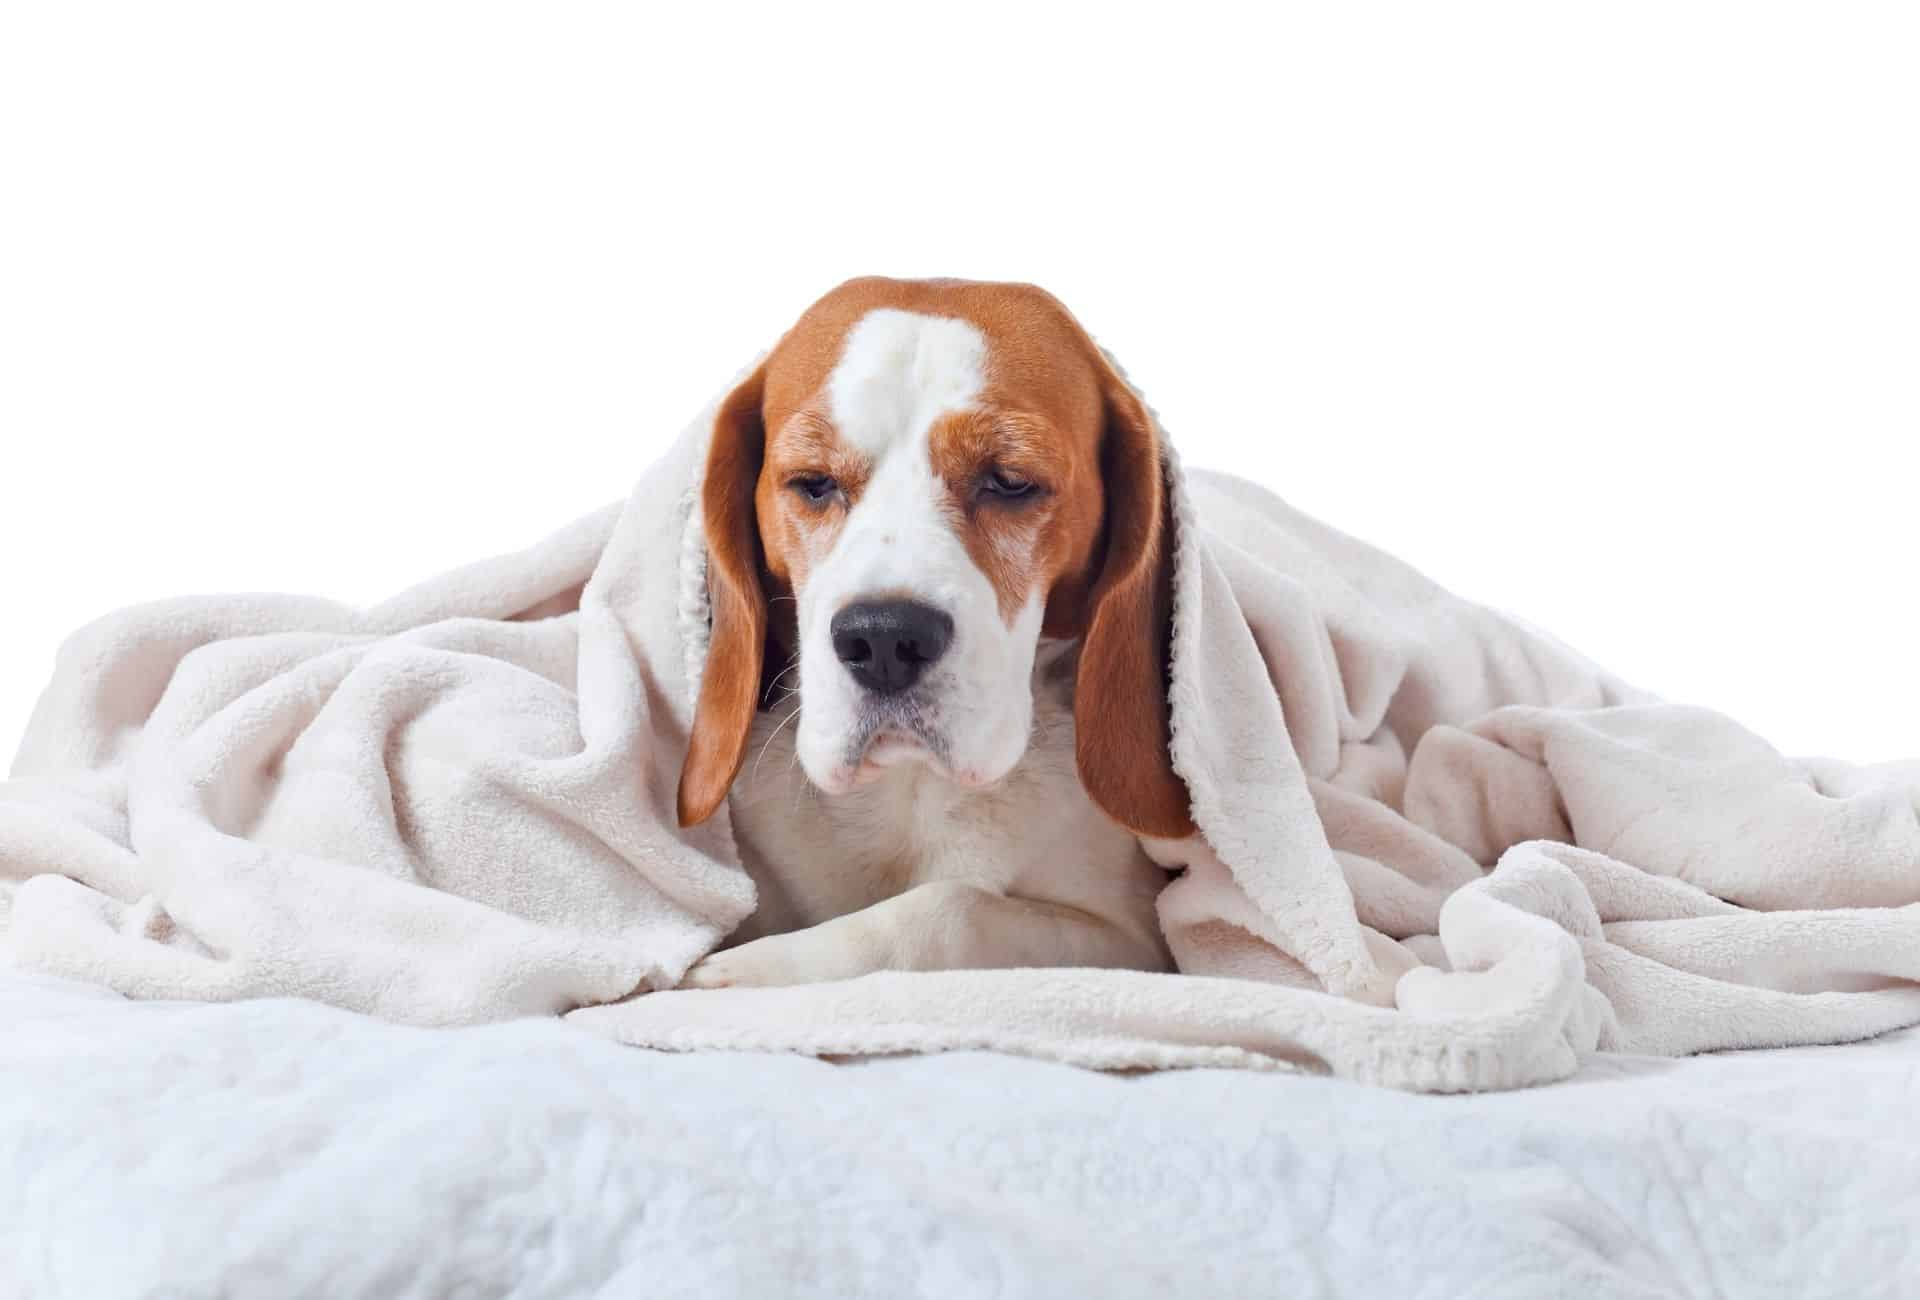 dog snuggled in bedsheets